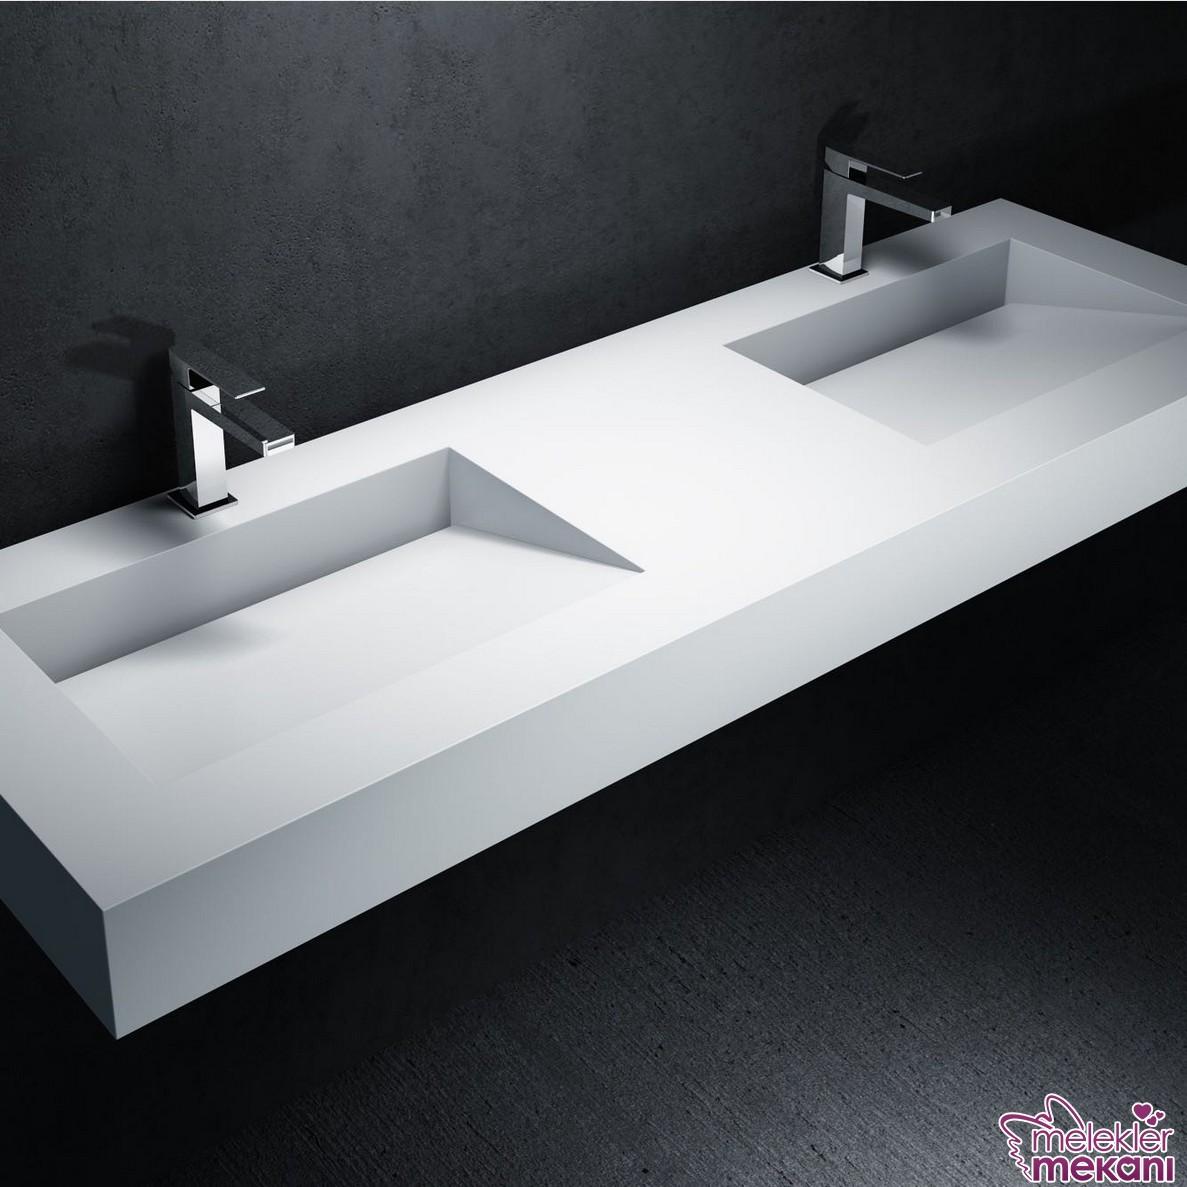 Corian yalak tipi lavabo seçiminiz ile farklı bir lavabo görünümünü banyonuzda elde edebilirsiniz.